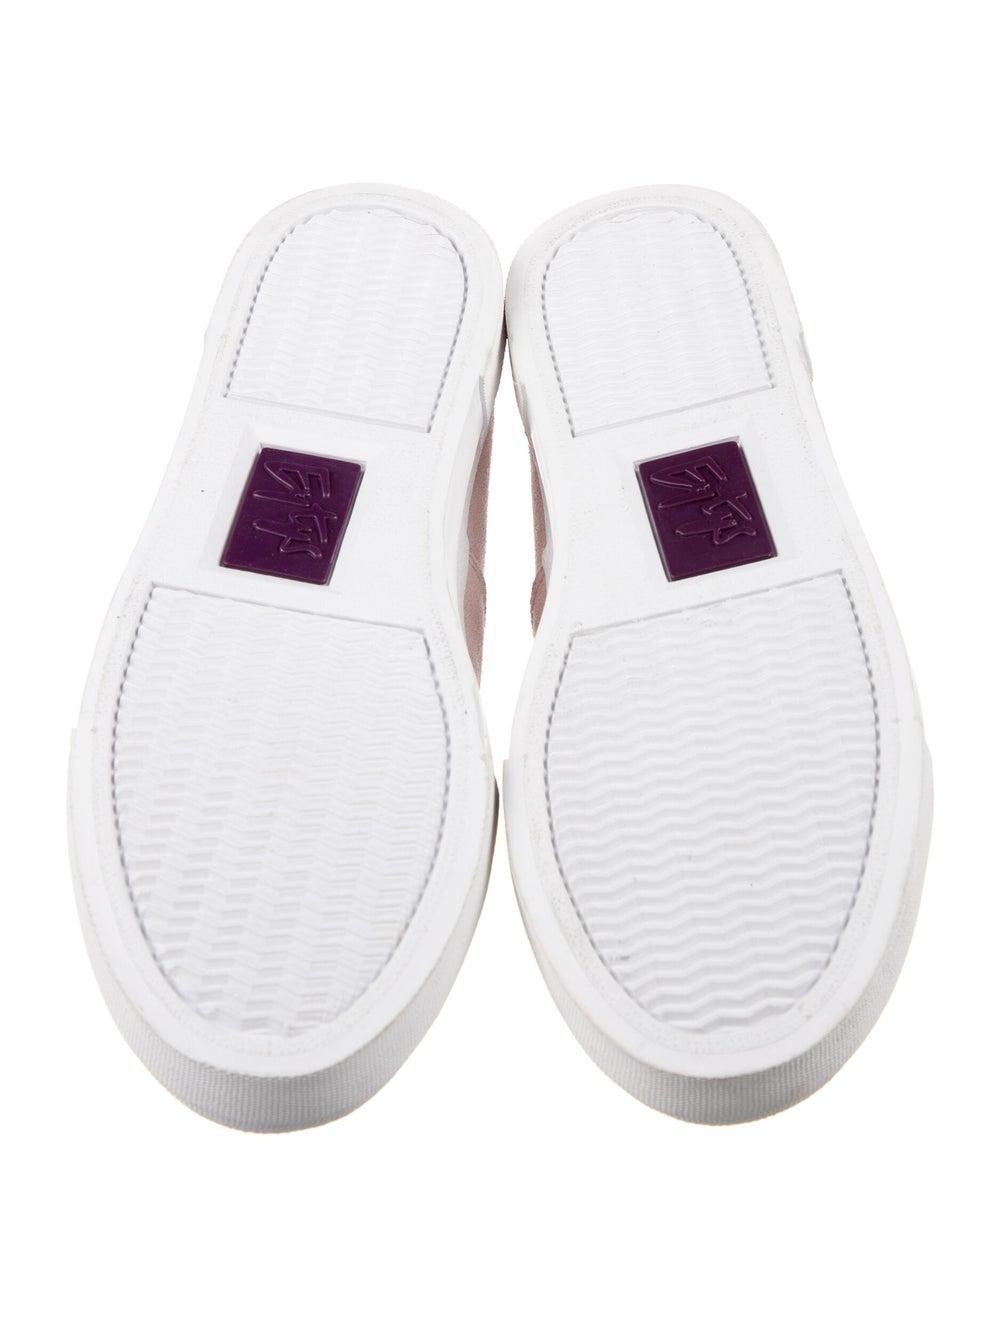 Eytys Suede Sneakers Pink - image 5